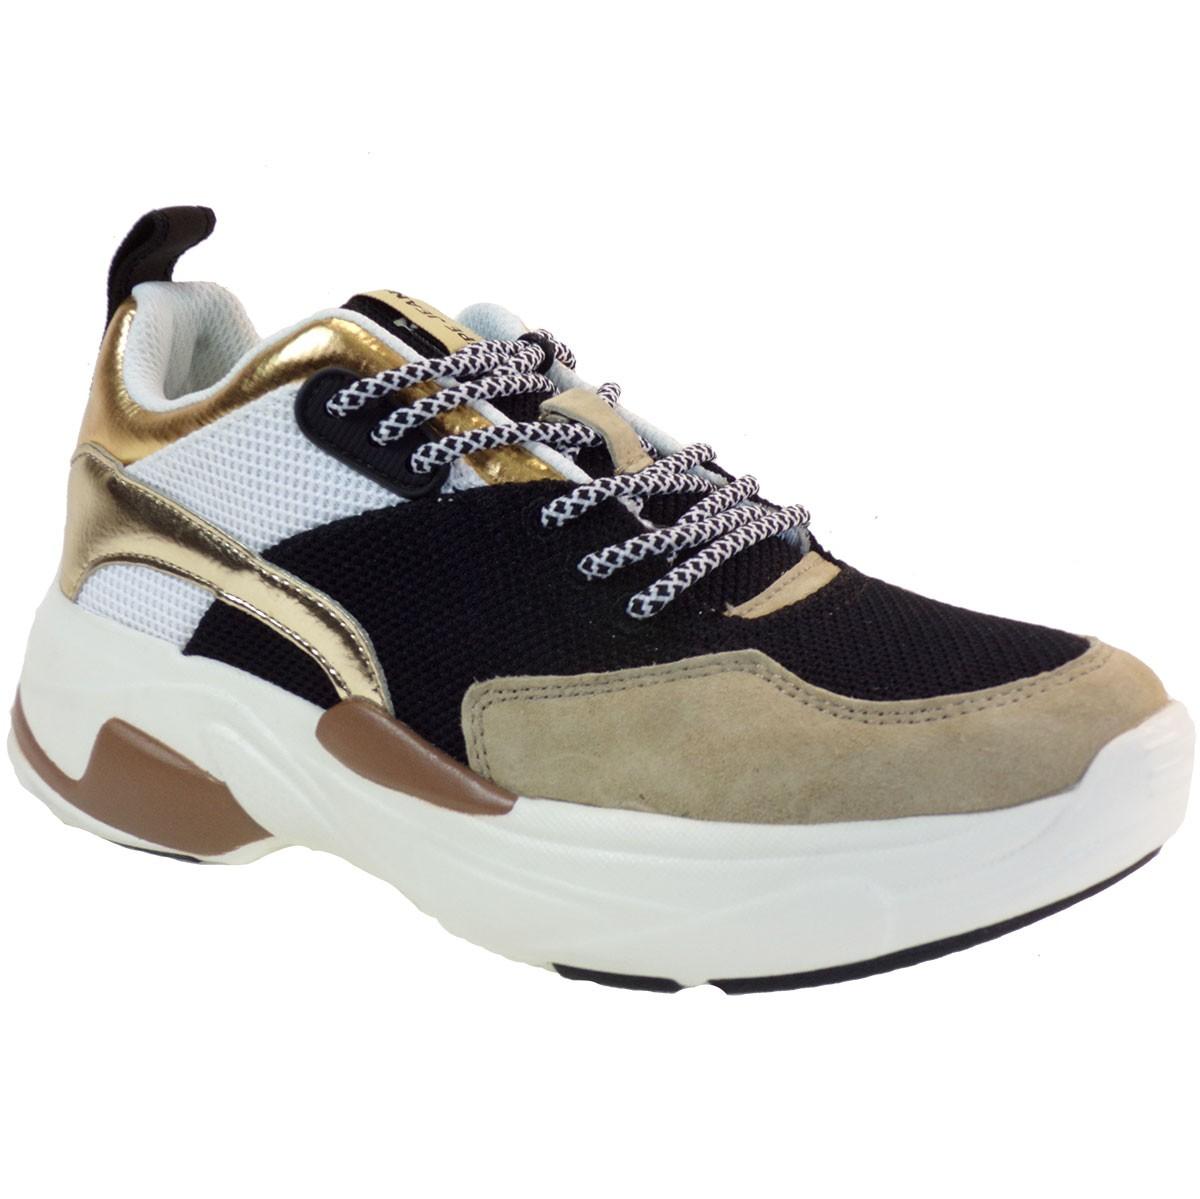 pepe jeans gynaikeia papoystia sneakers pls30985 mauro www.bagiotashoes.gr